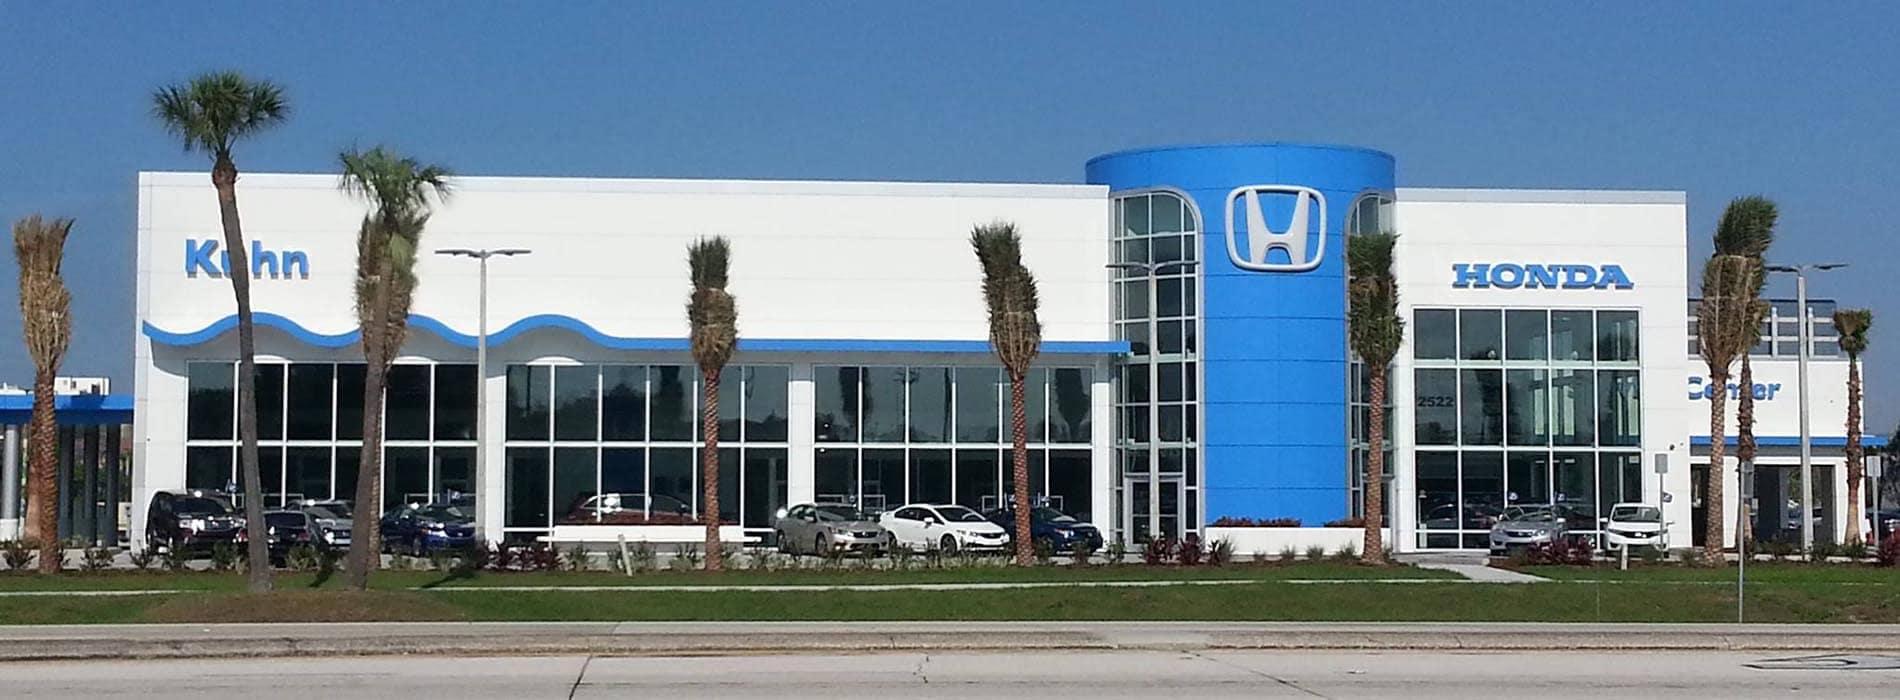 Kuhn Honda Dealership